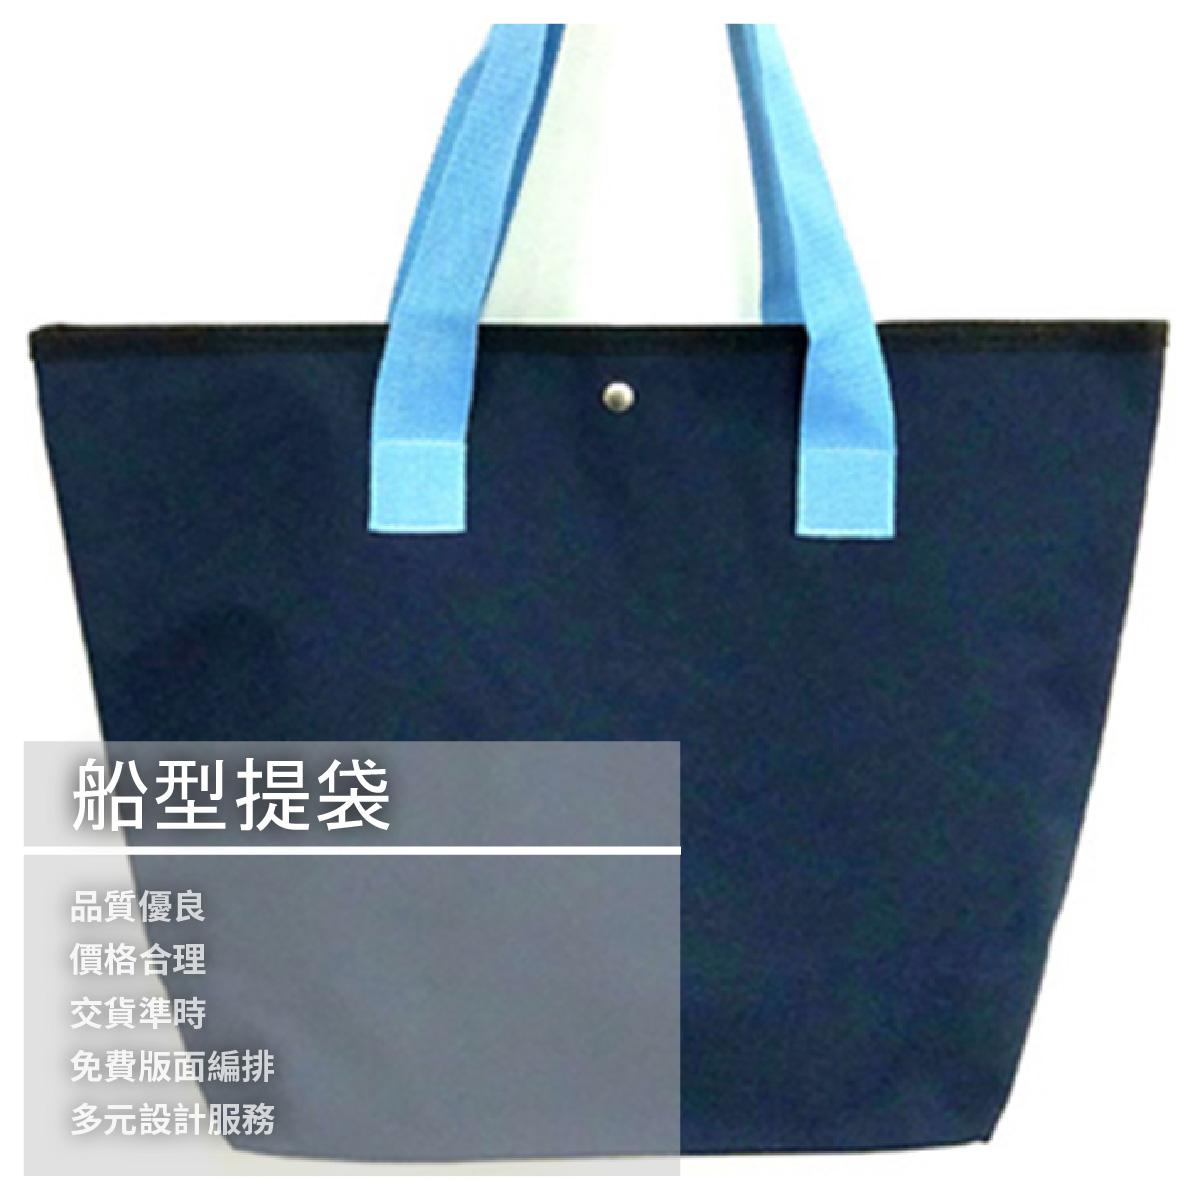 【長恒製袋】船型提袋/六款顏色